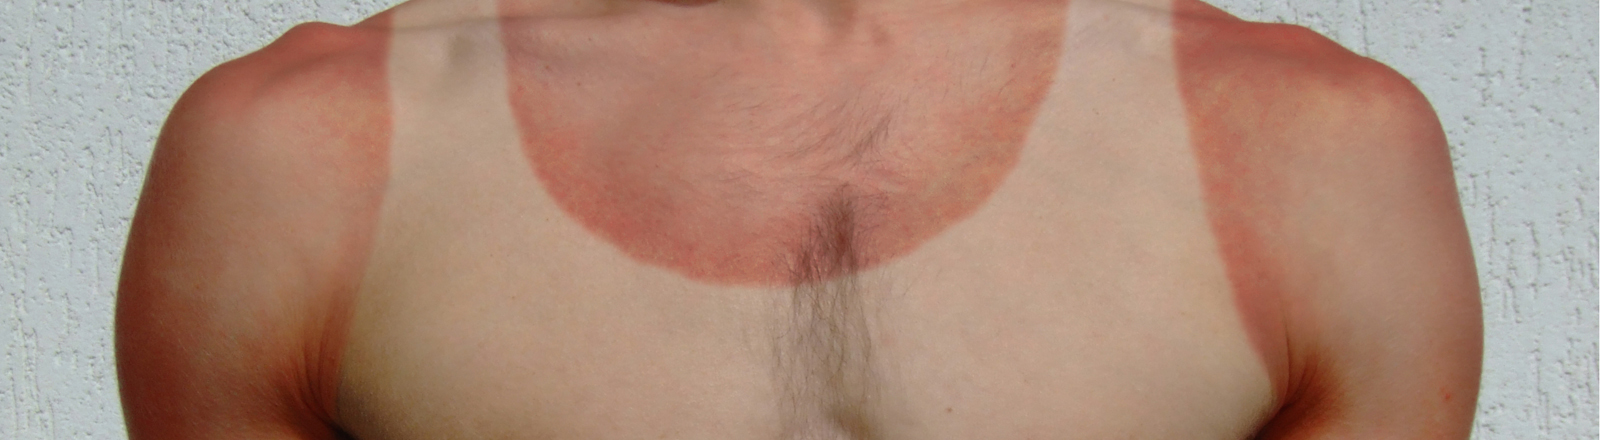 Männerkörper mit Sonnenbrand-Abdruck vom Unterhemd